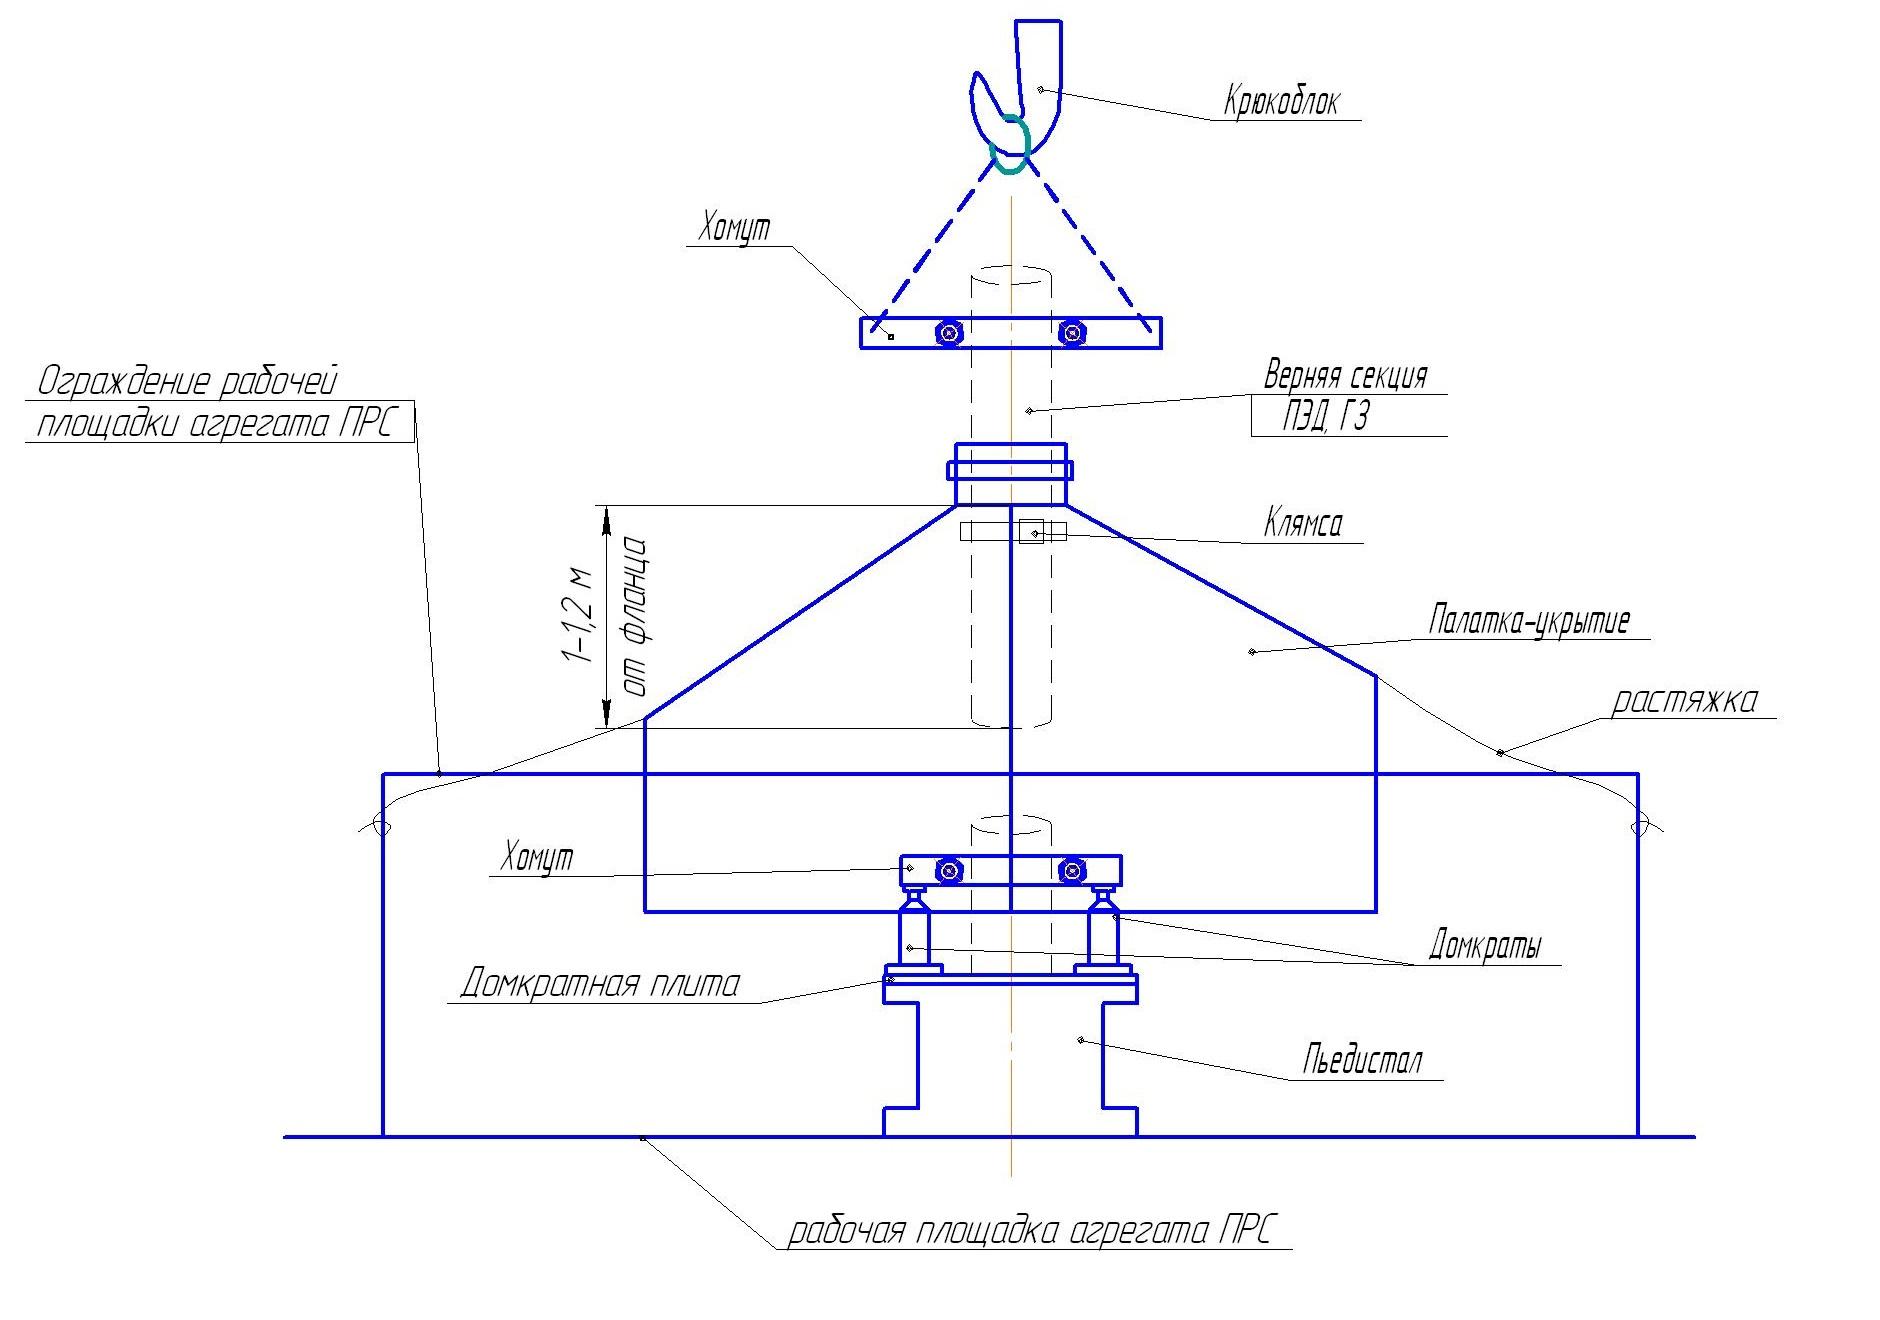 Схема установки палатки-укрытияпри монтаже ПЭД УЭЦН